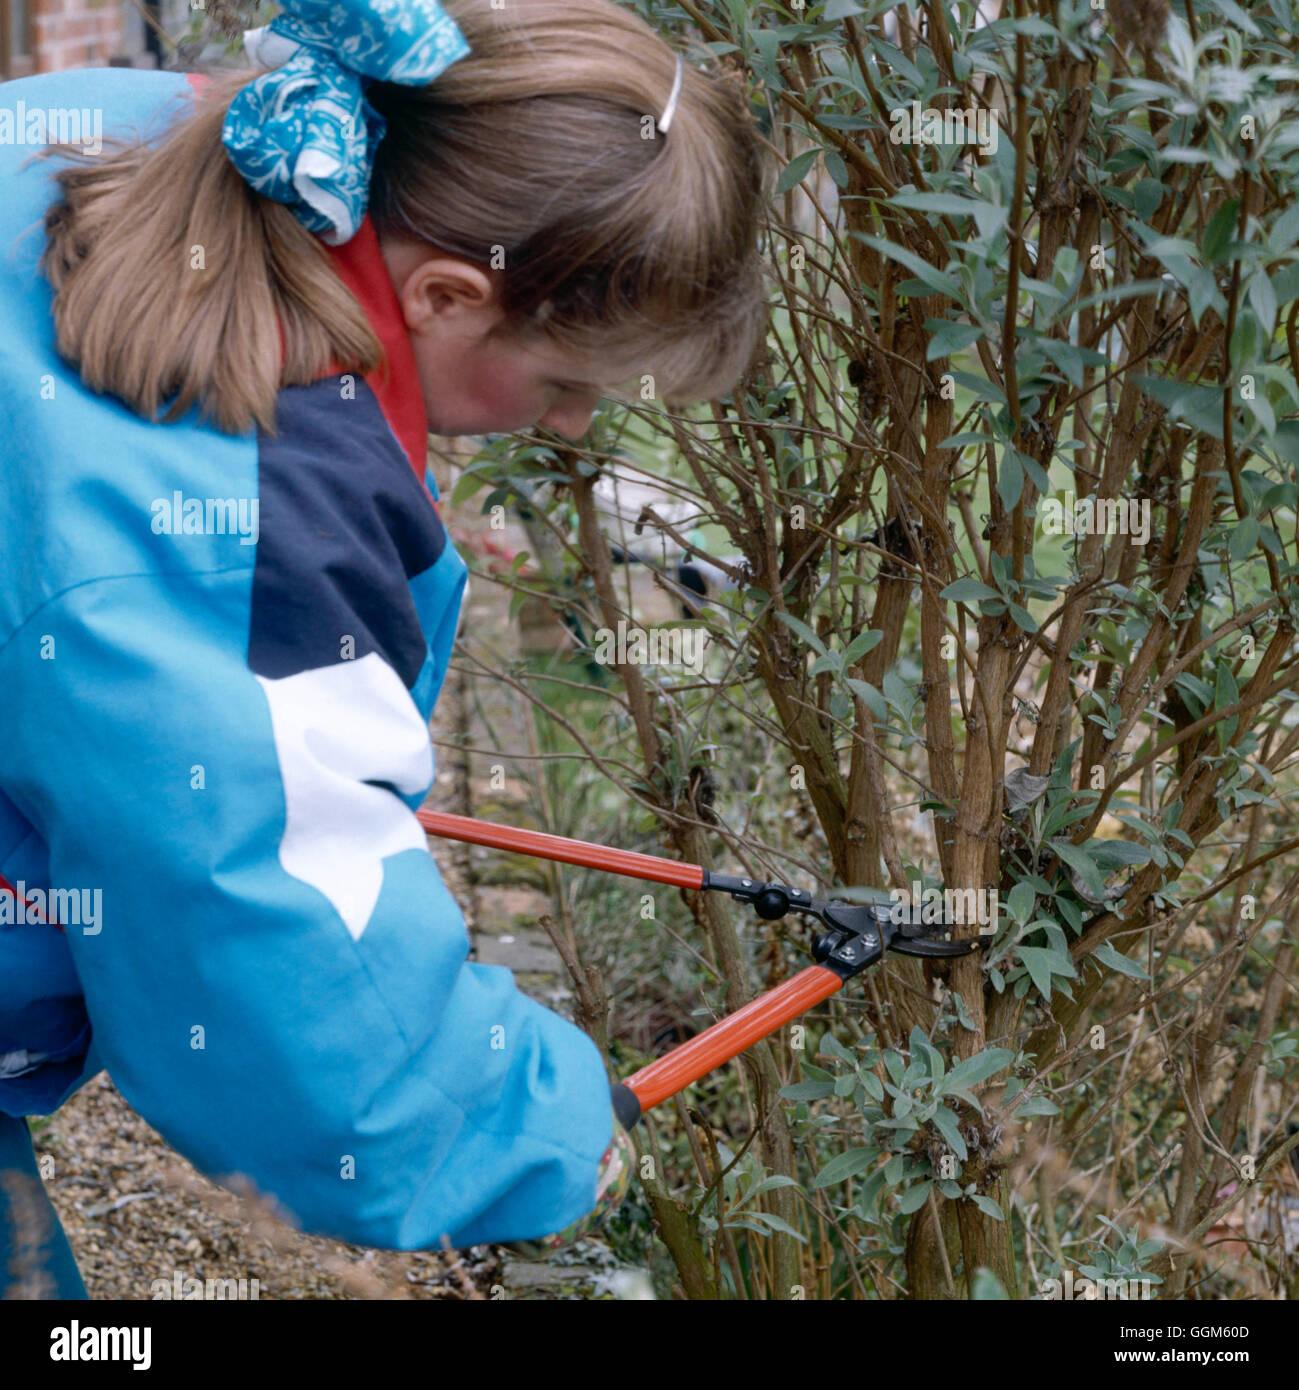 Pruning - Shrubs - Buddleja - using long-handled secateurs   TAS069706 - Stock Image